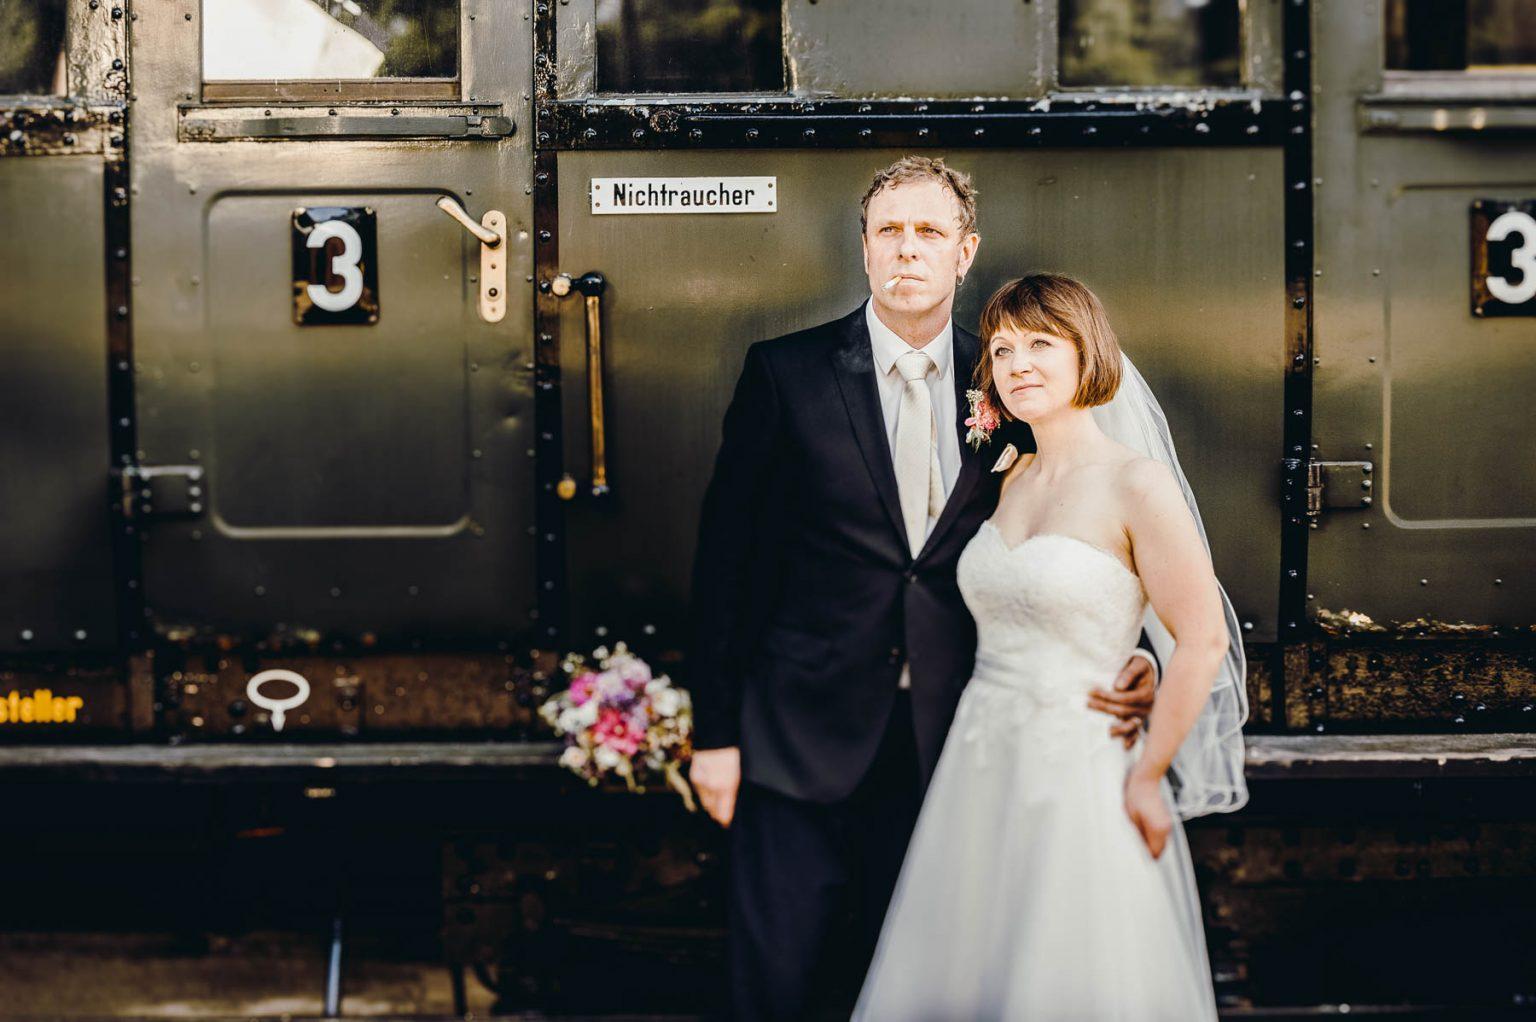 Hochzeitsportrait im Eisenbahndepot